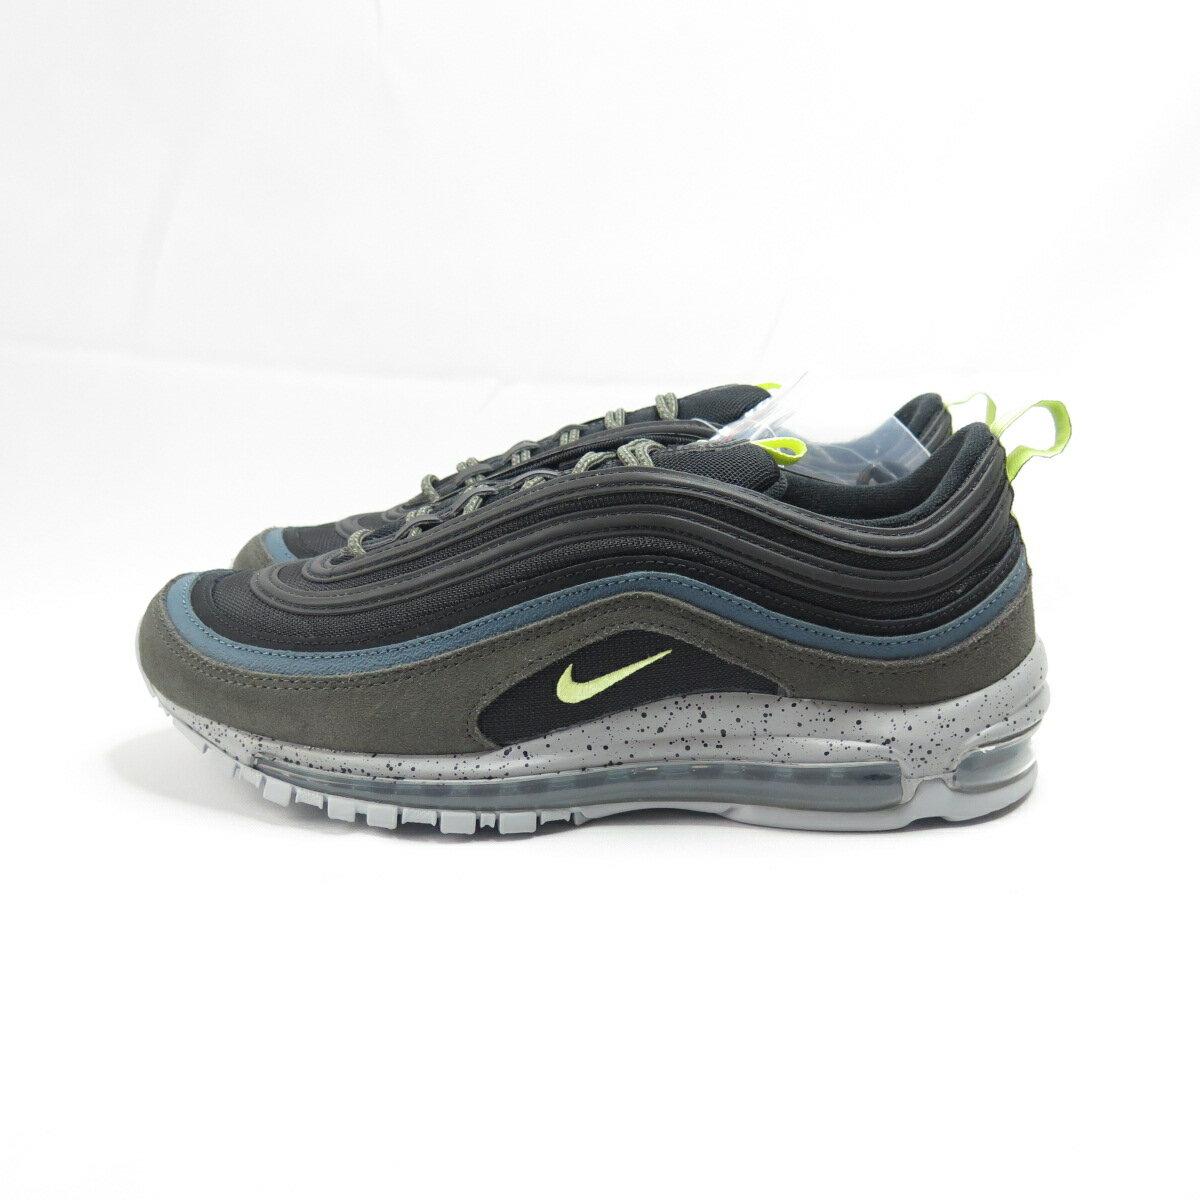 NIKE AIR MAX 97 男款 休閒鞋 氣墊鞋 DB4611001 黑【iSport愛運動】